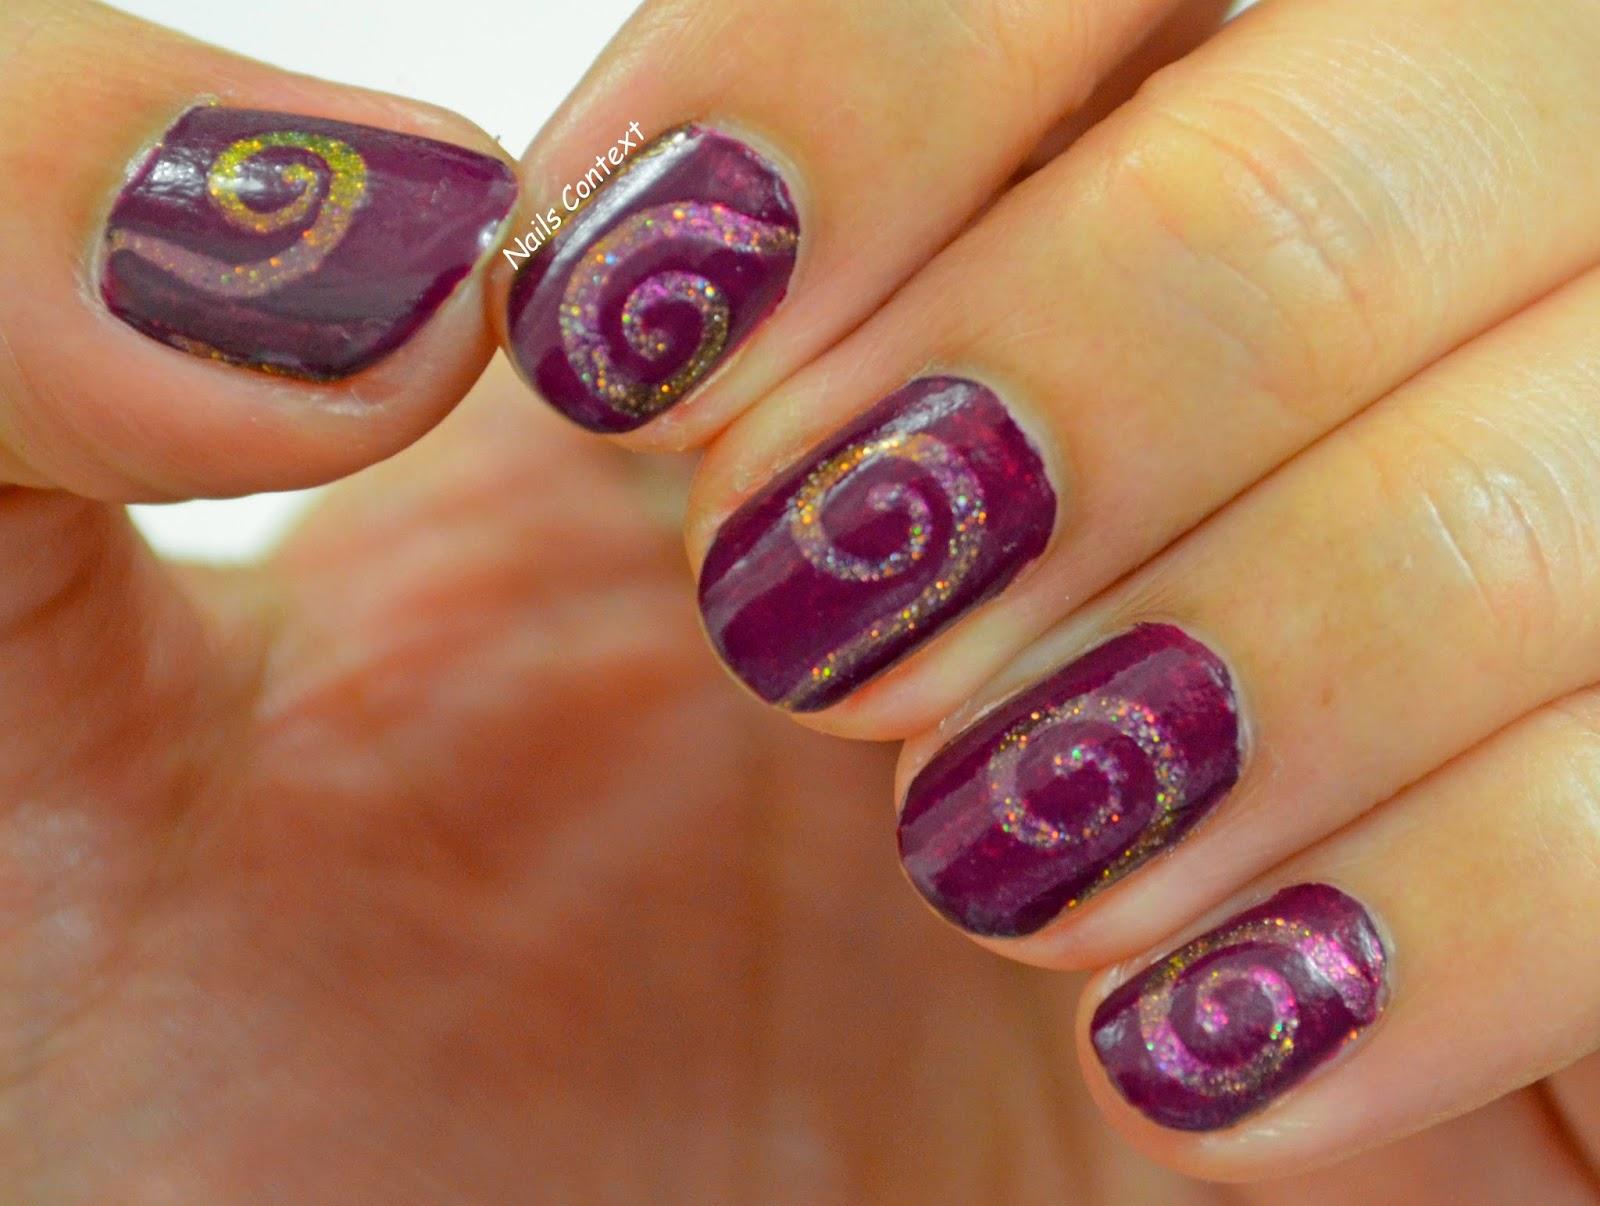 Nails Context: Swirls